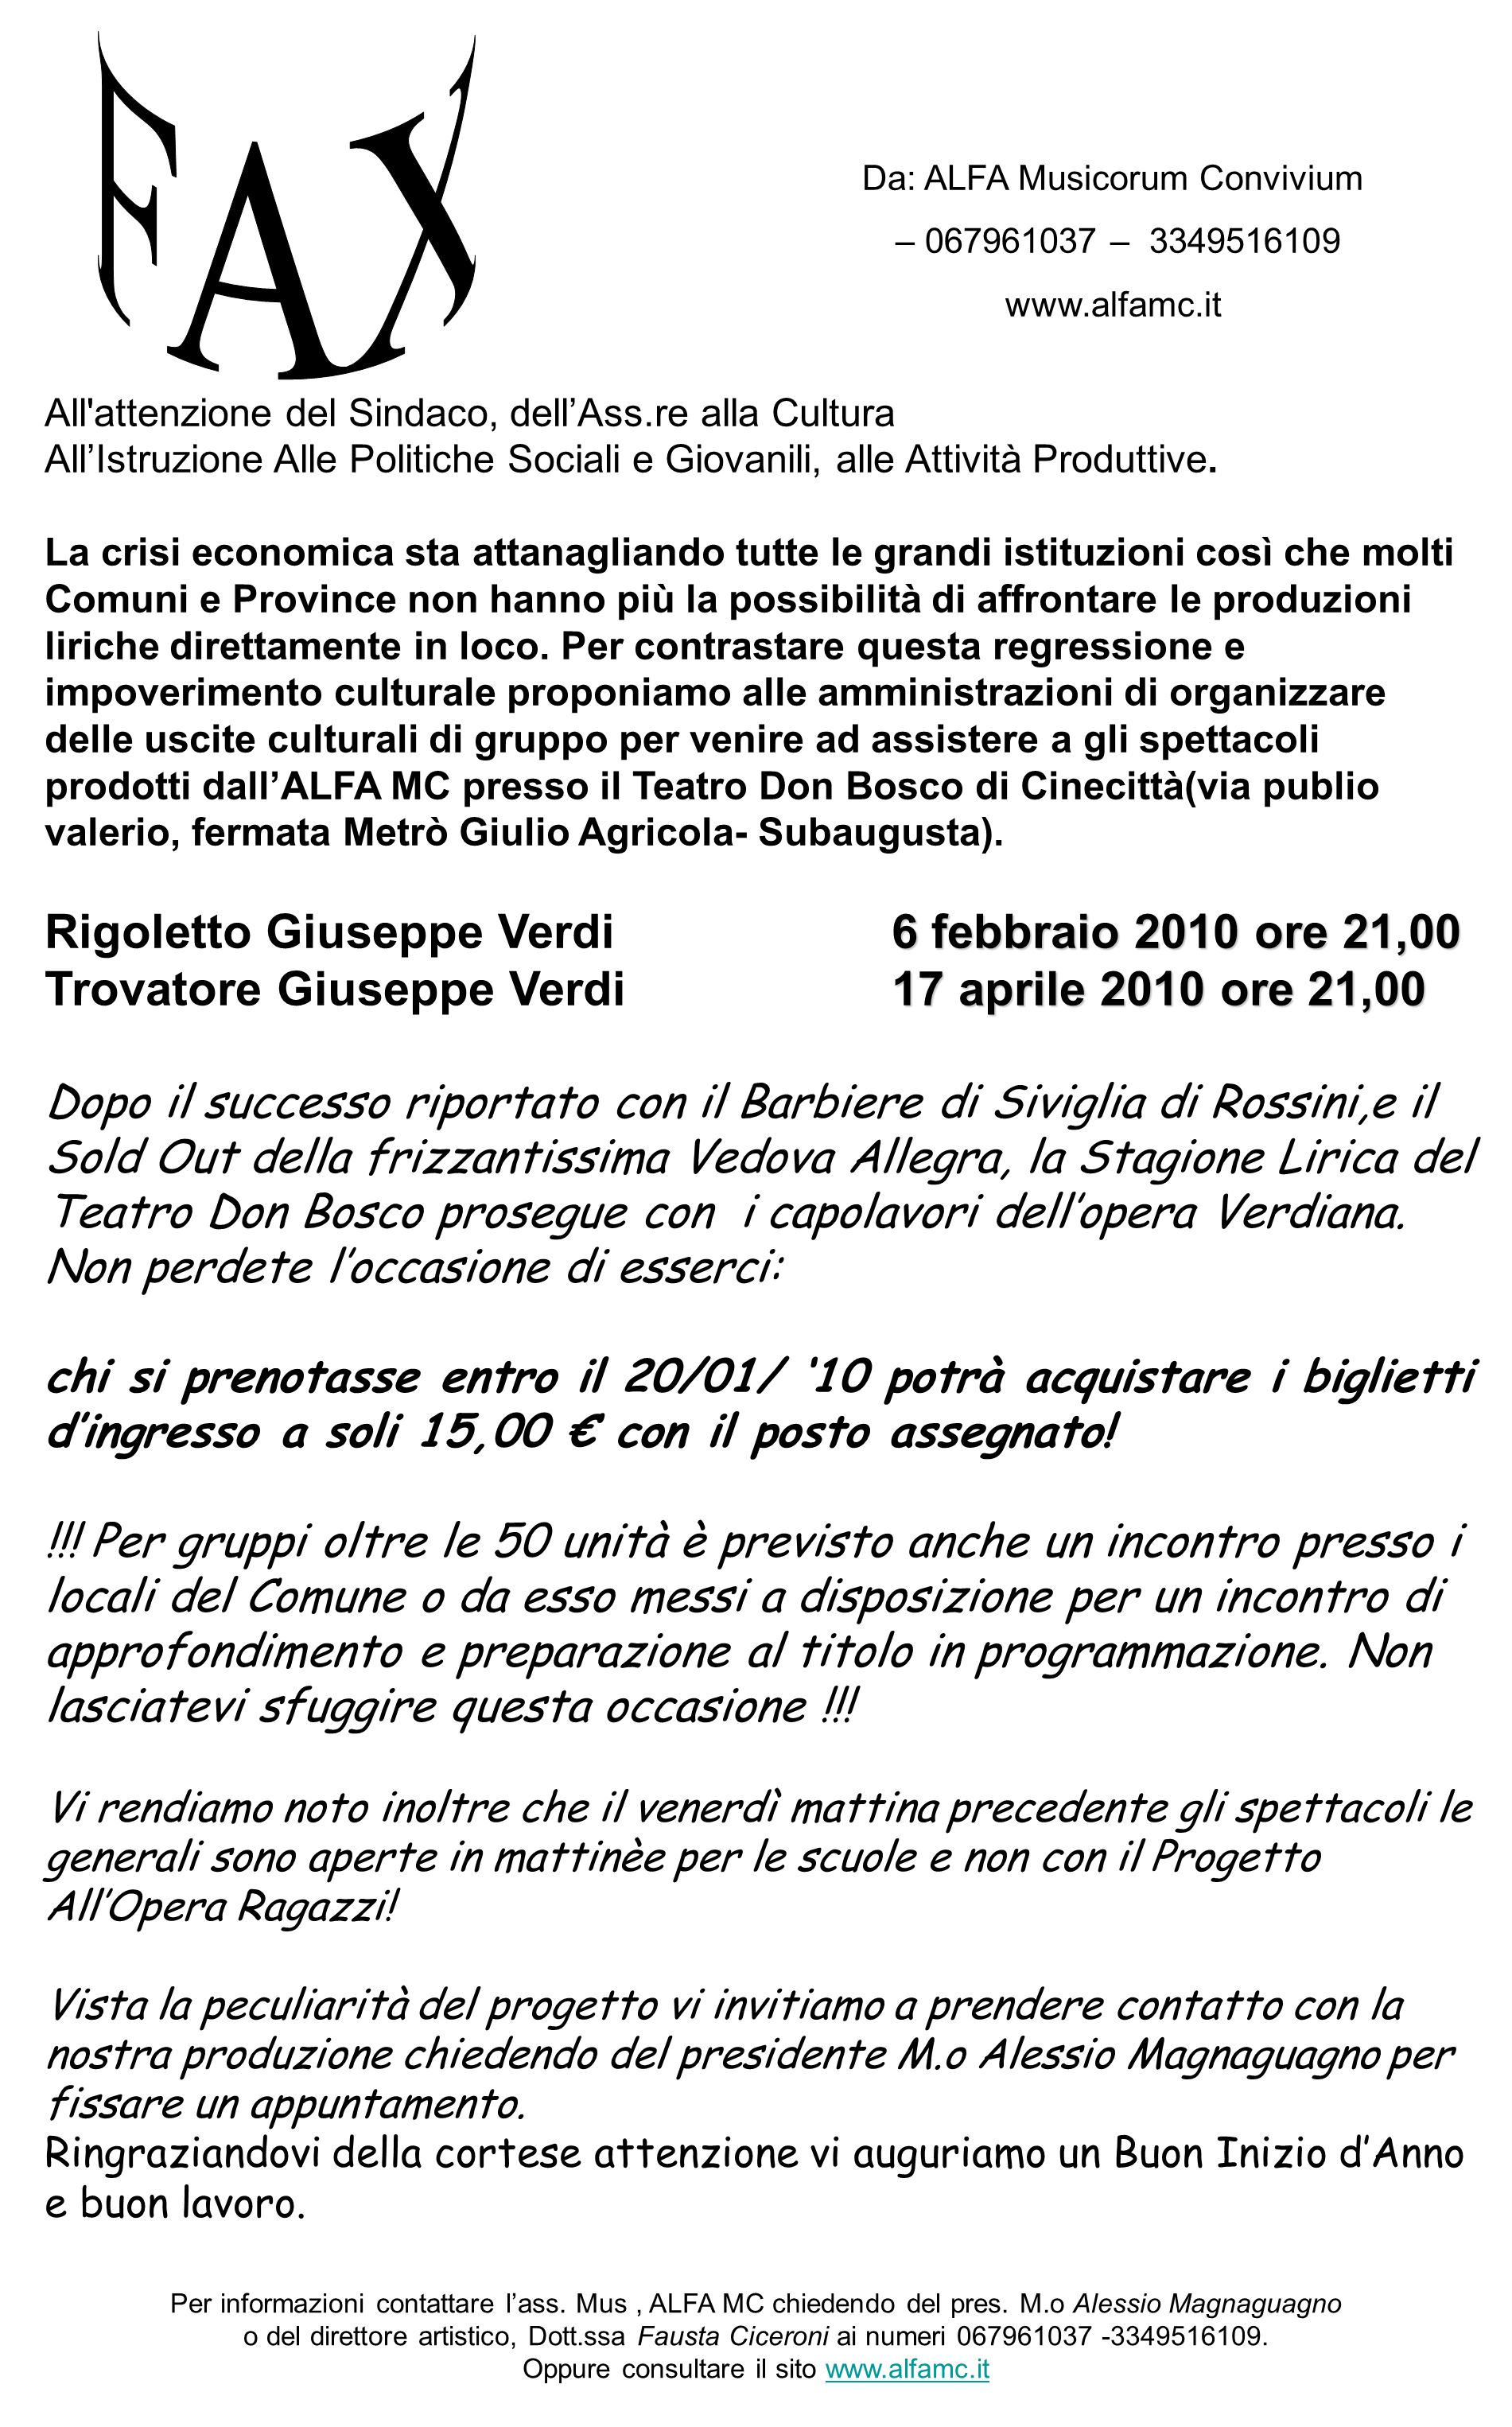 Rigoletto Giuseppe Verdi 6 febbraio 2010 ore 21,00